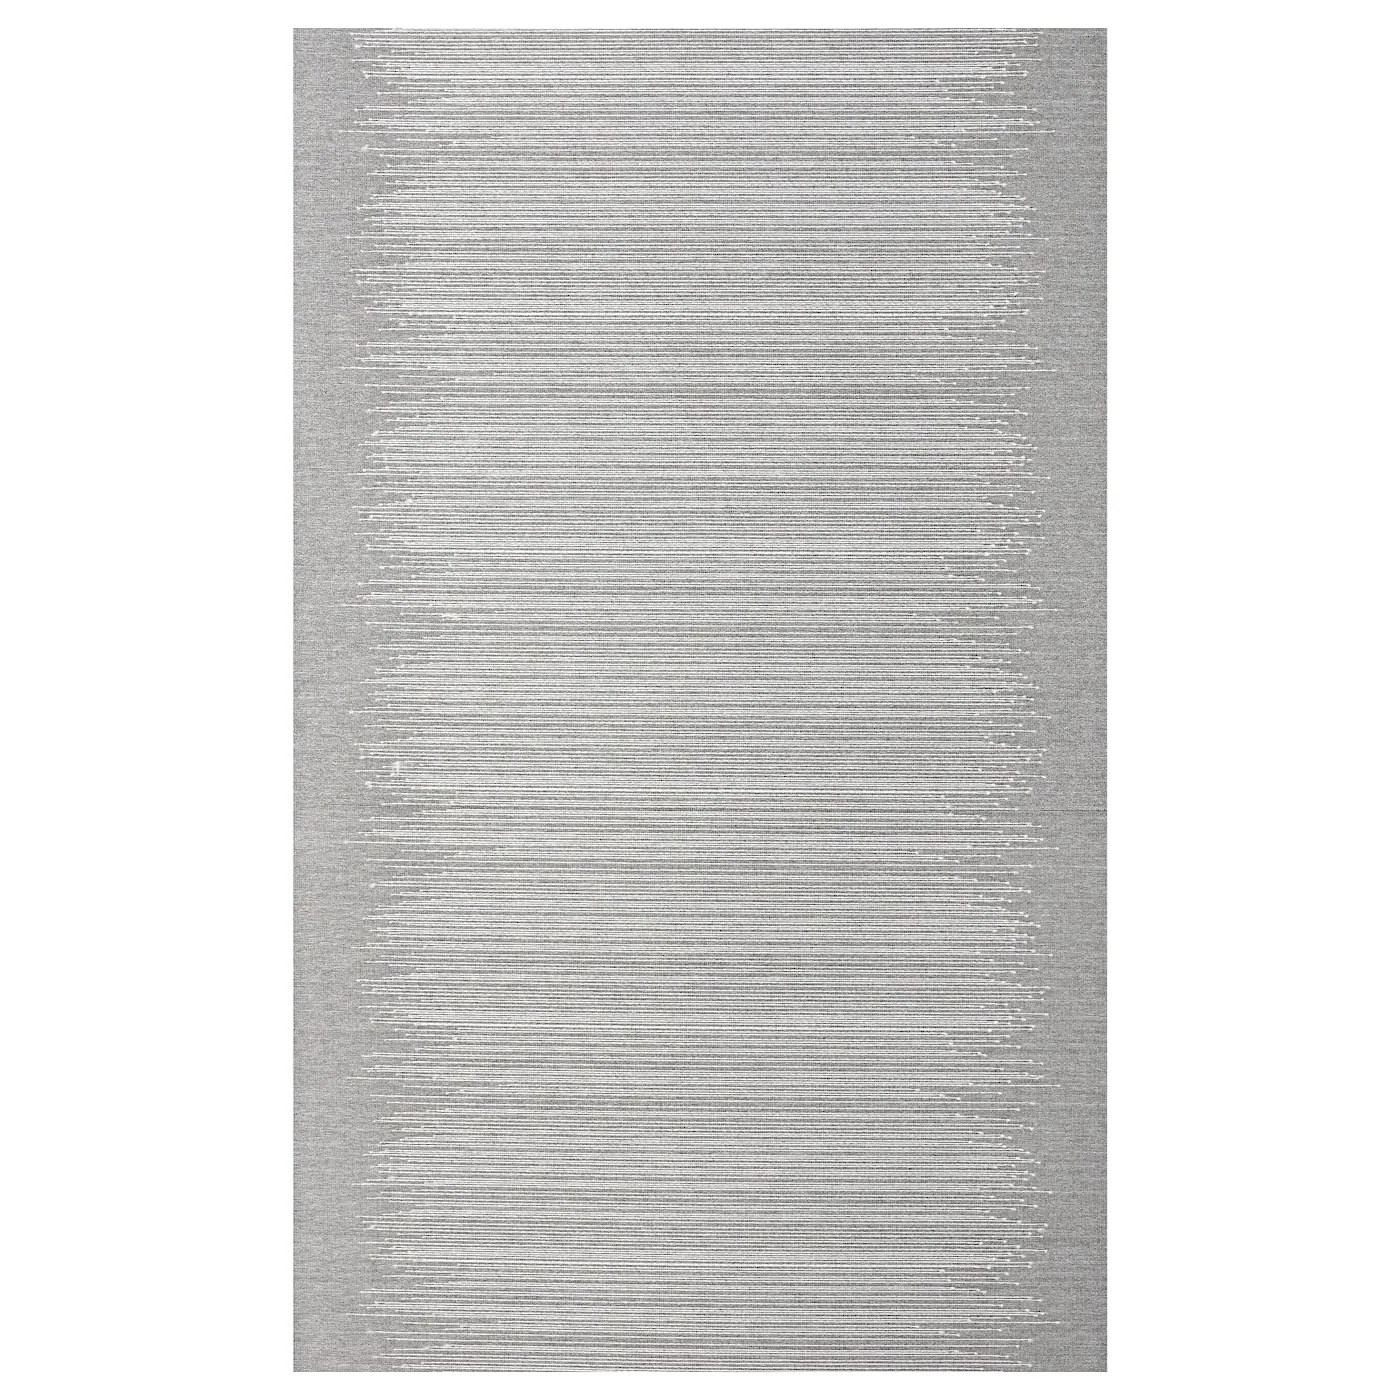 vattenax panel curtain gray white 24x118